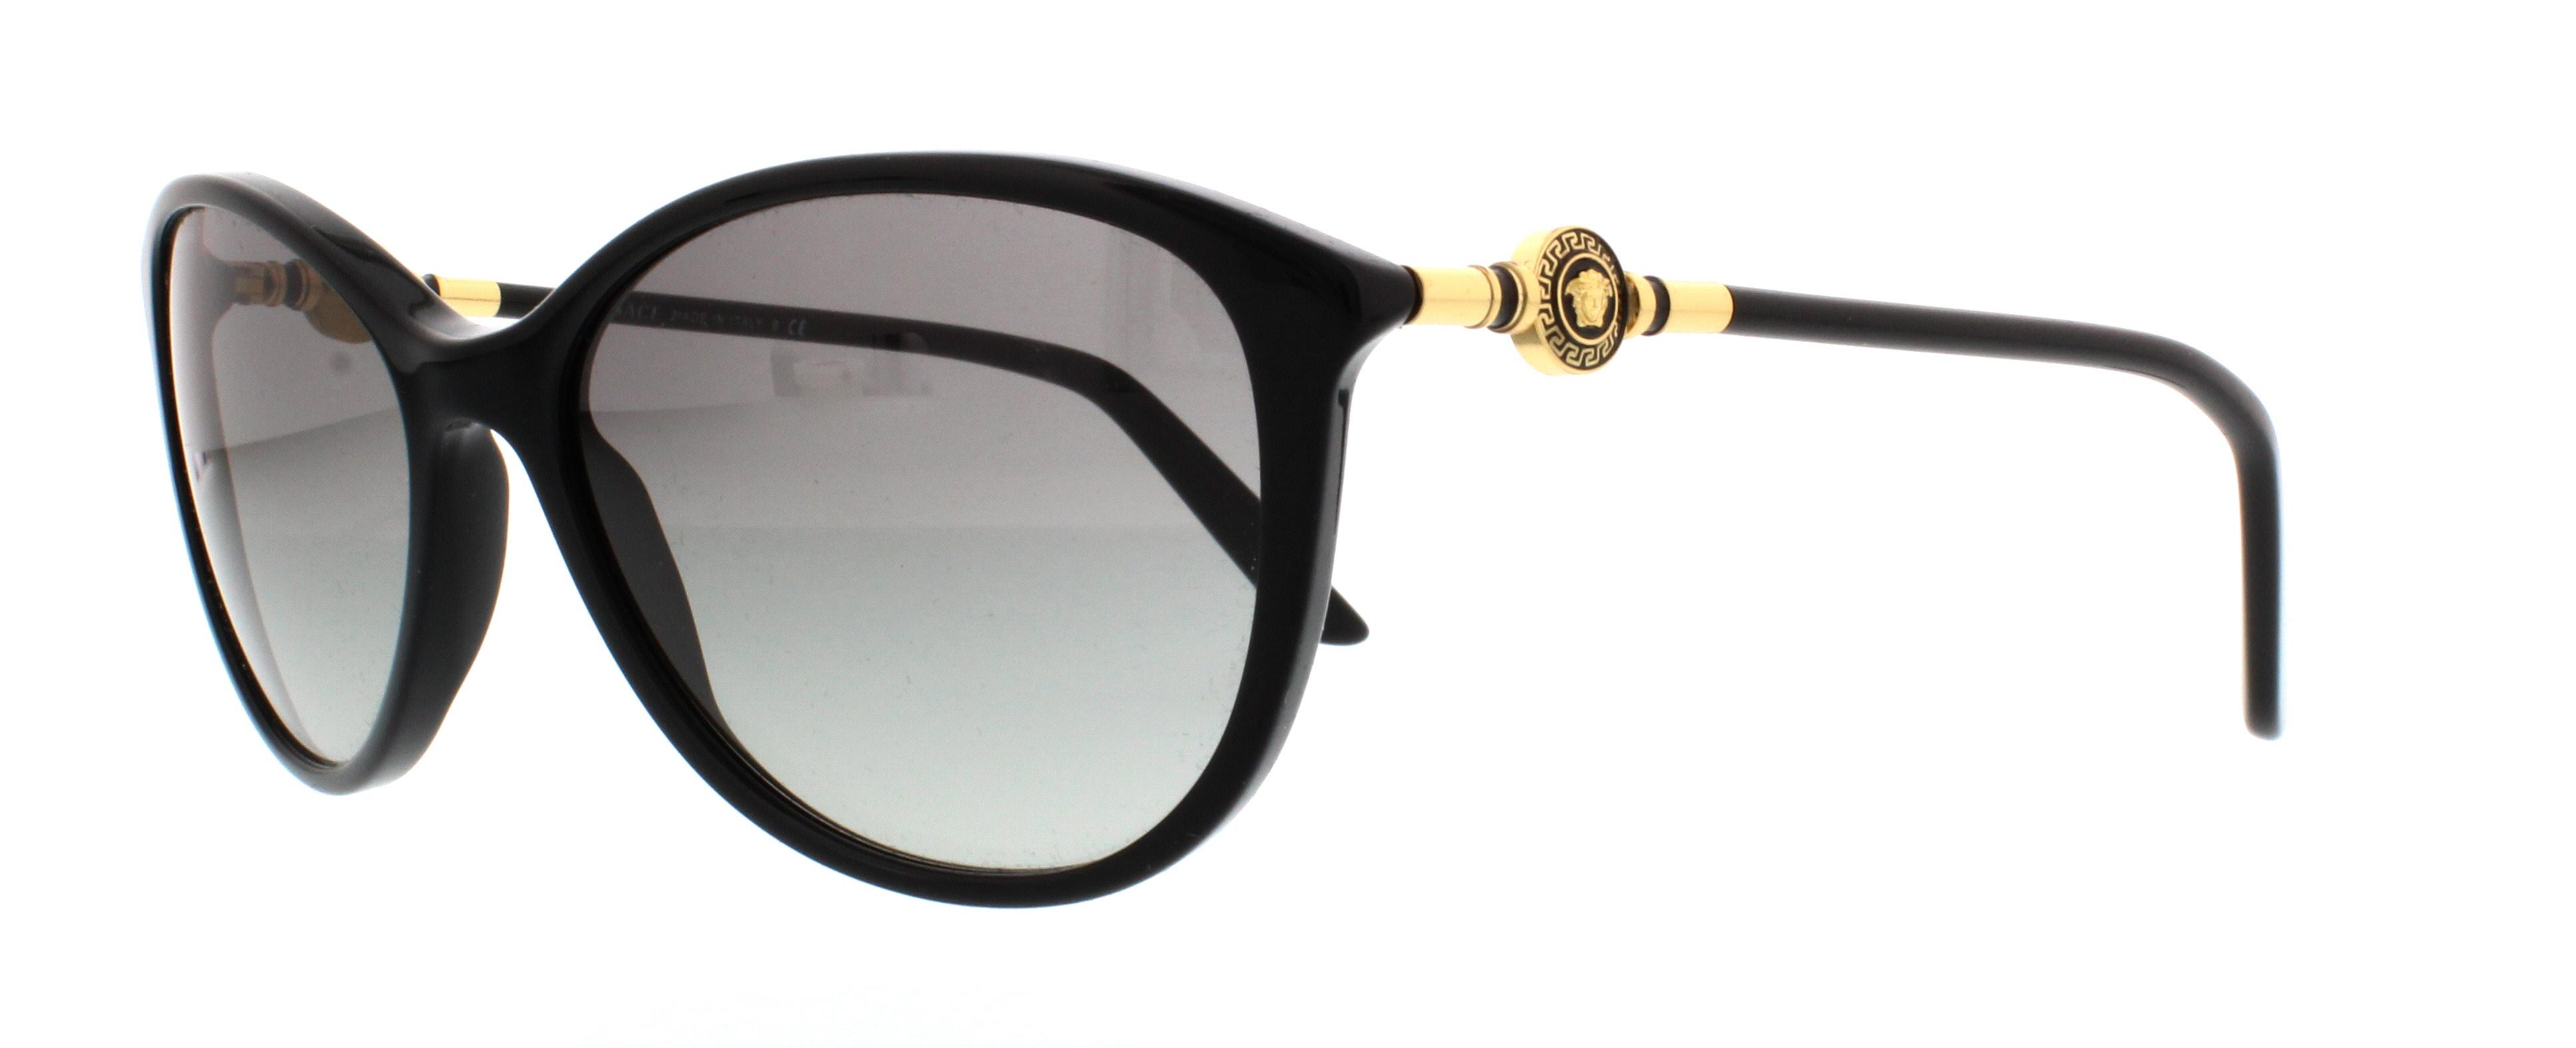 397ba59bfc2 Designer Frames Outlet. Versace VE4251